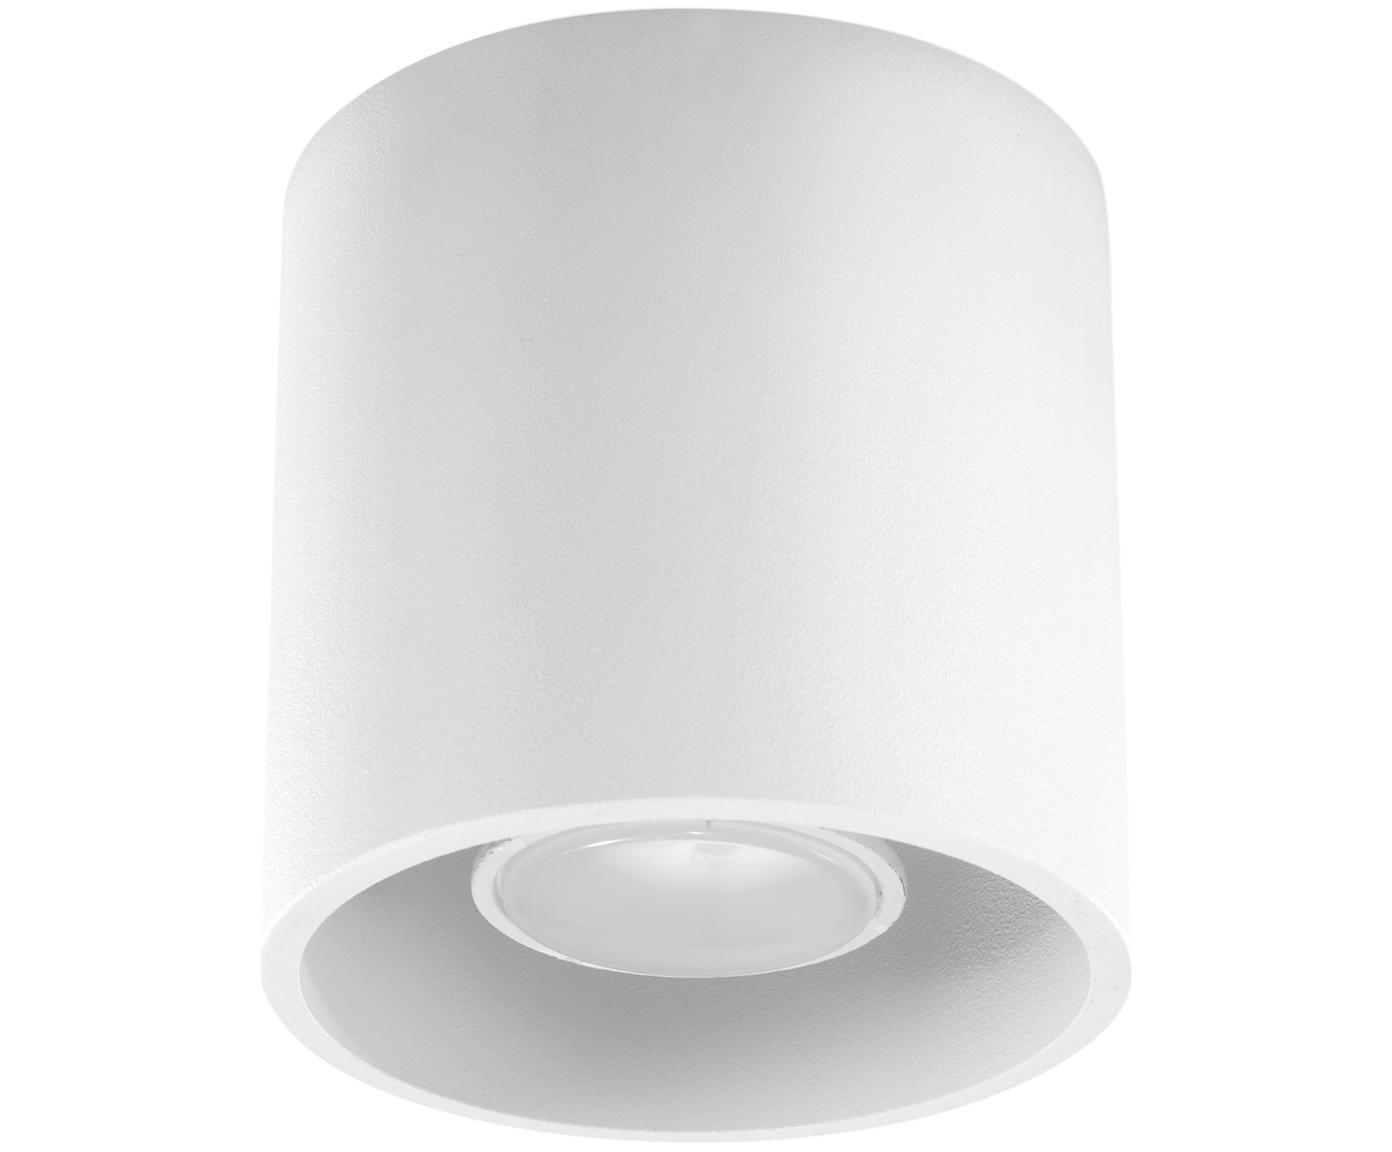 Deckenspot Roda in Weiss, Aluminium, beschichtet, Weiss, Ø 10 x H 10 cm